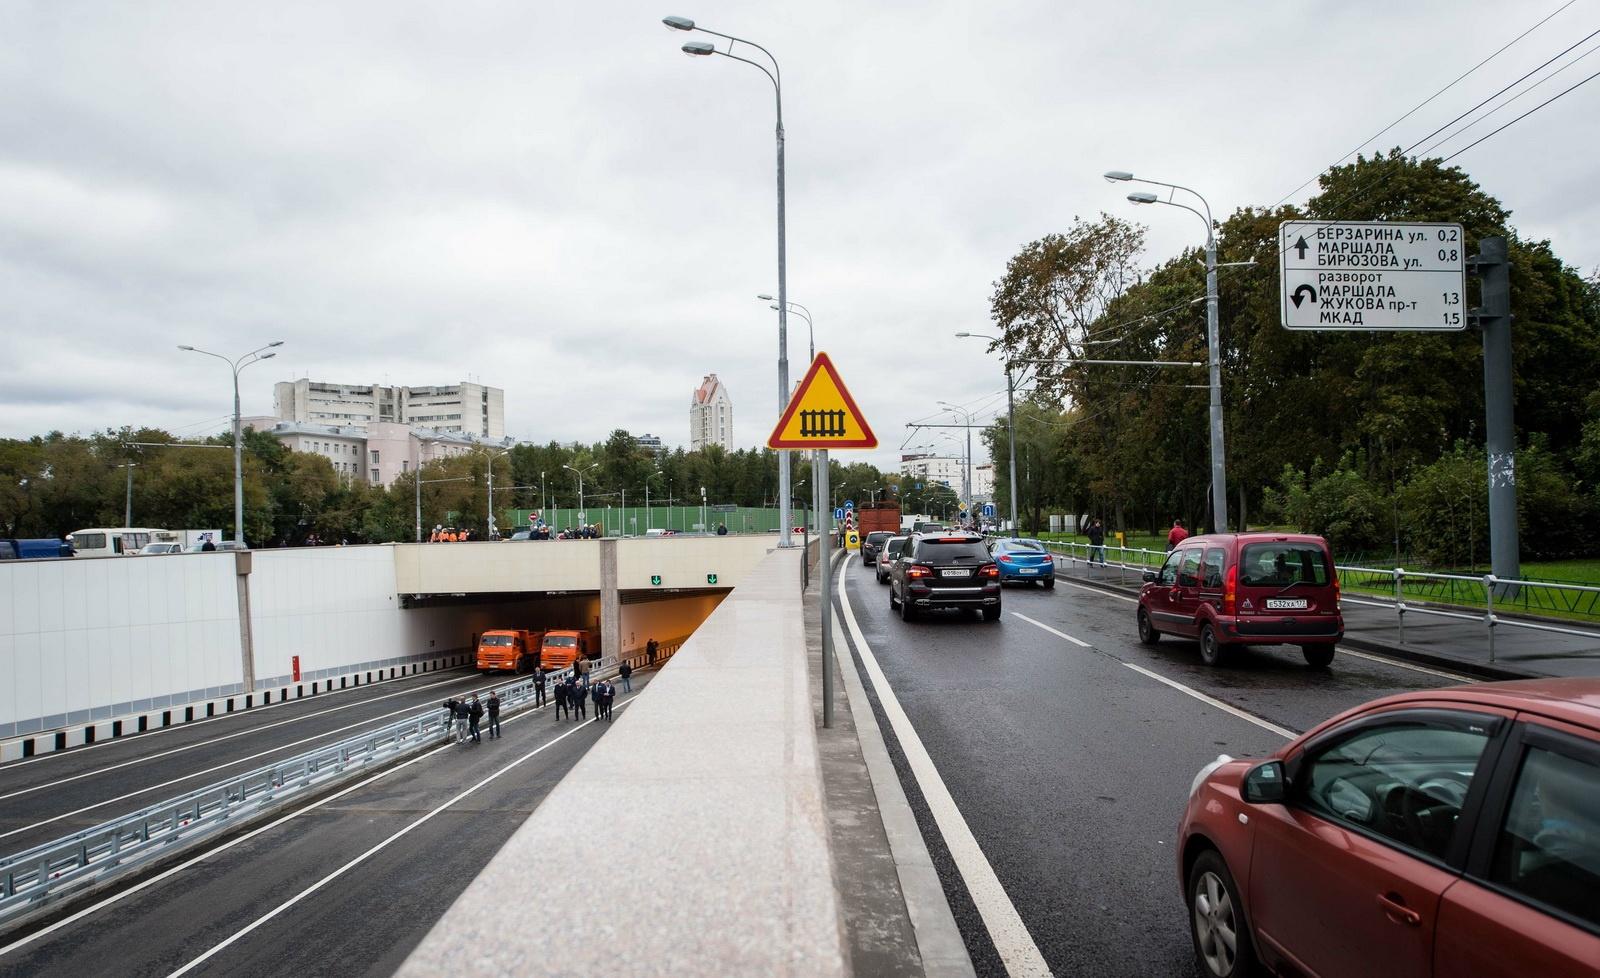 Первый в России винчестерный тоннель открыли в Москве